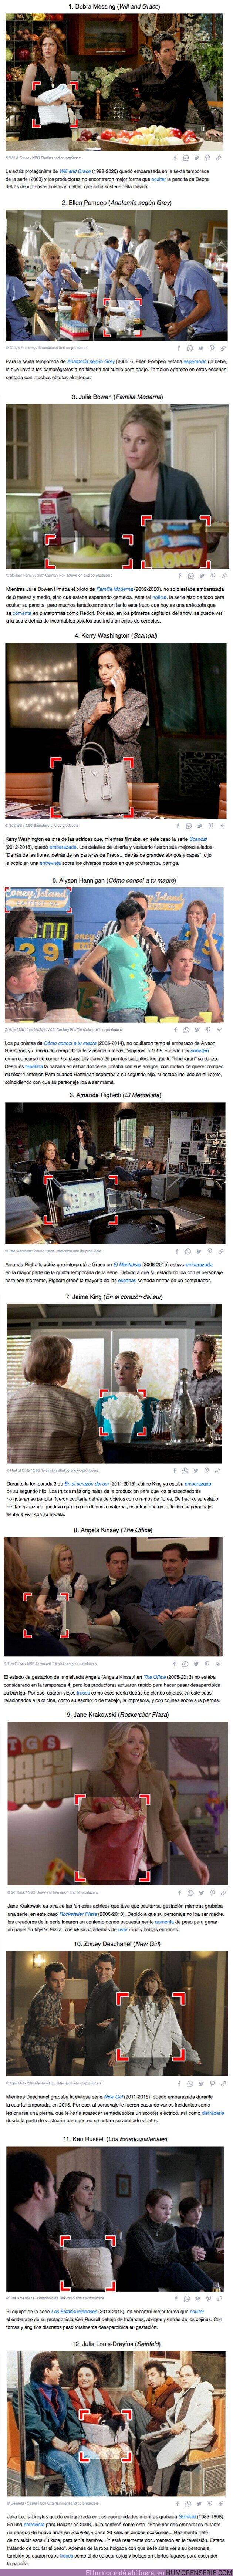 """71311 - GALERÍA: 12 Curiosas maneras que usó la producción para """"esconder"""" el embarazo de una actriz mientras rodaba una serie"""